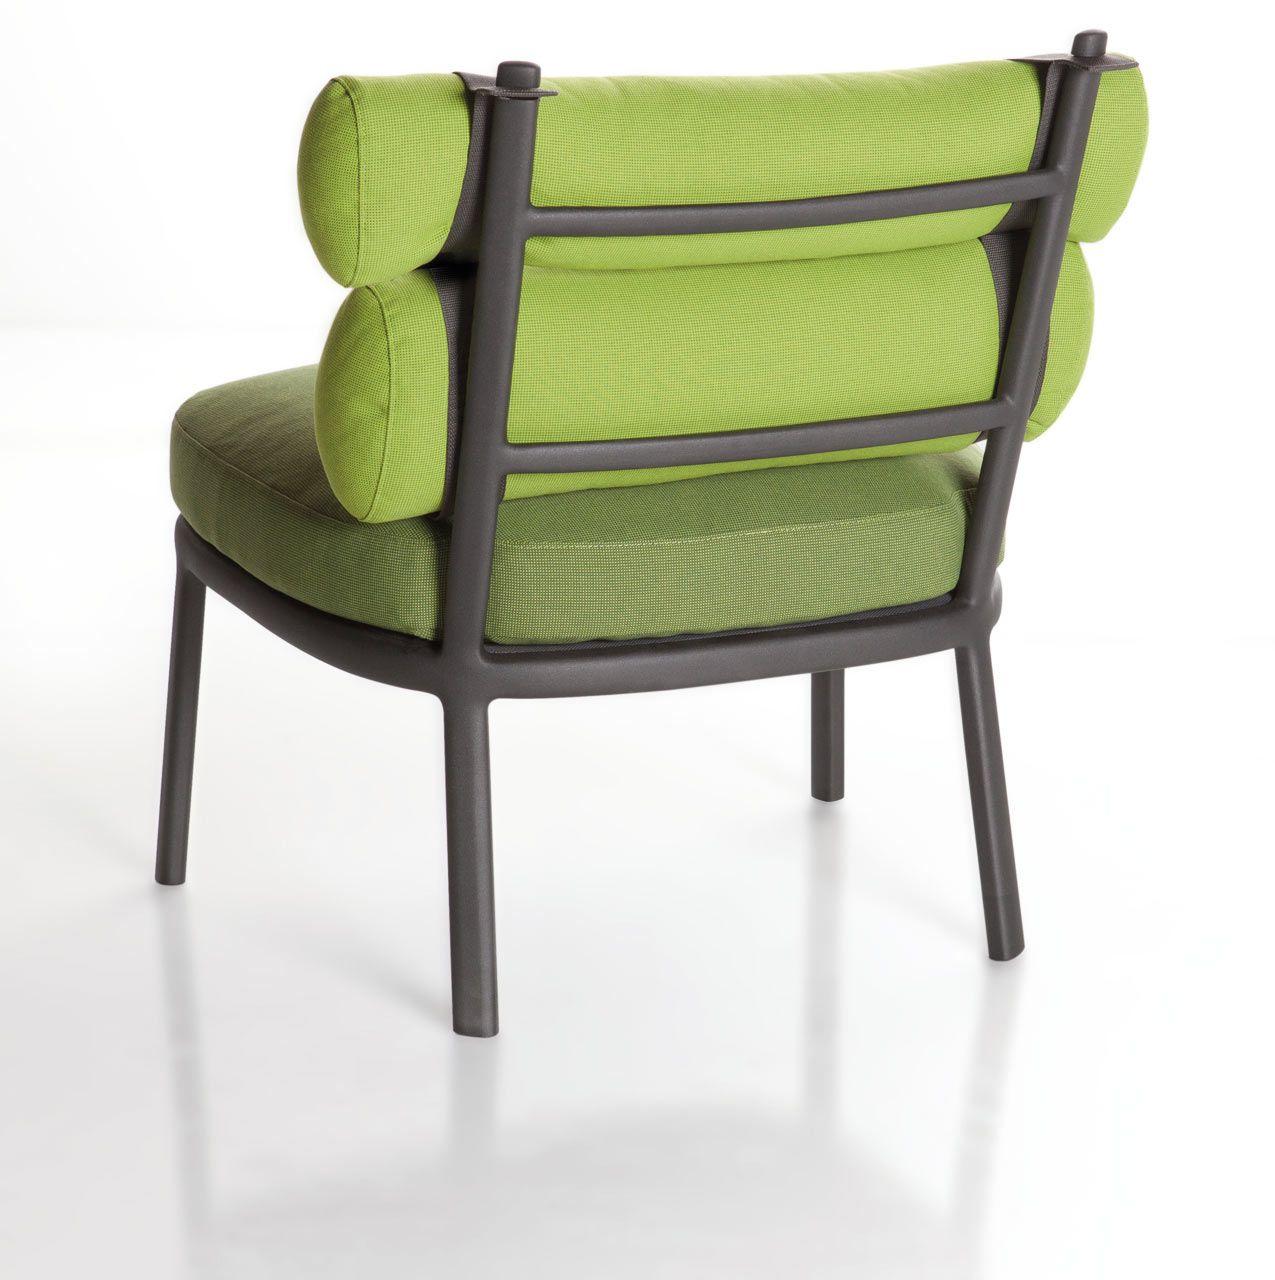 Genial Kettal Roll Chair Patricia Urquiola 3 Fauteuil, Chaises Du0027